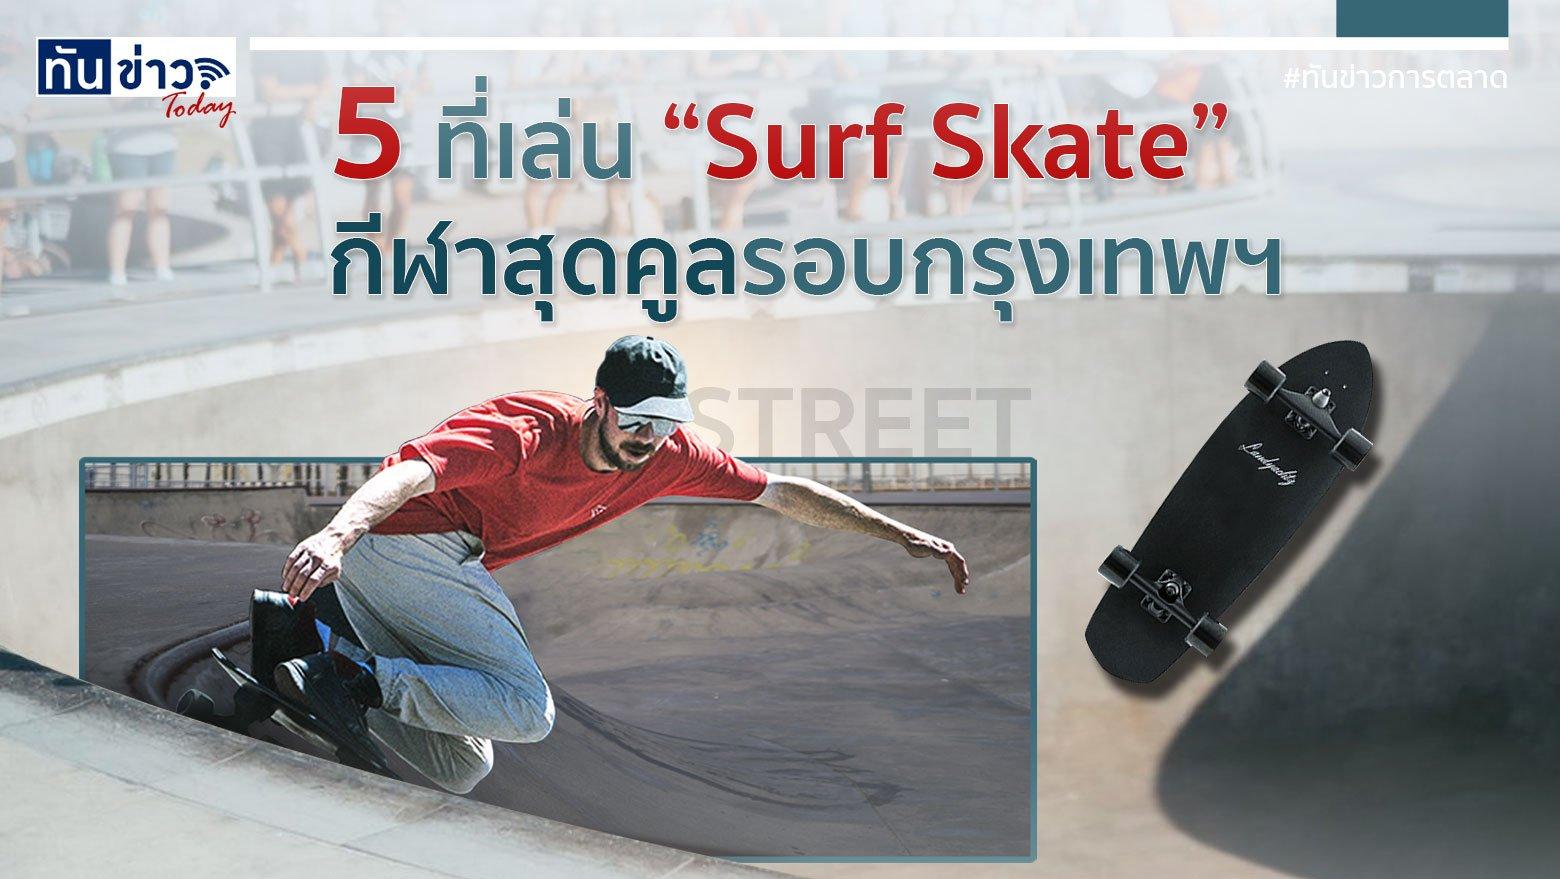 """5 ที่เล่น """"Surf Skate"""" กีฬาสุดคูล  รอบกรุงเทพฯ"""